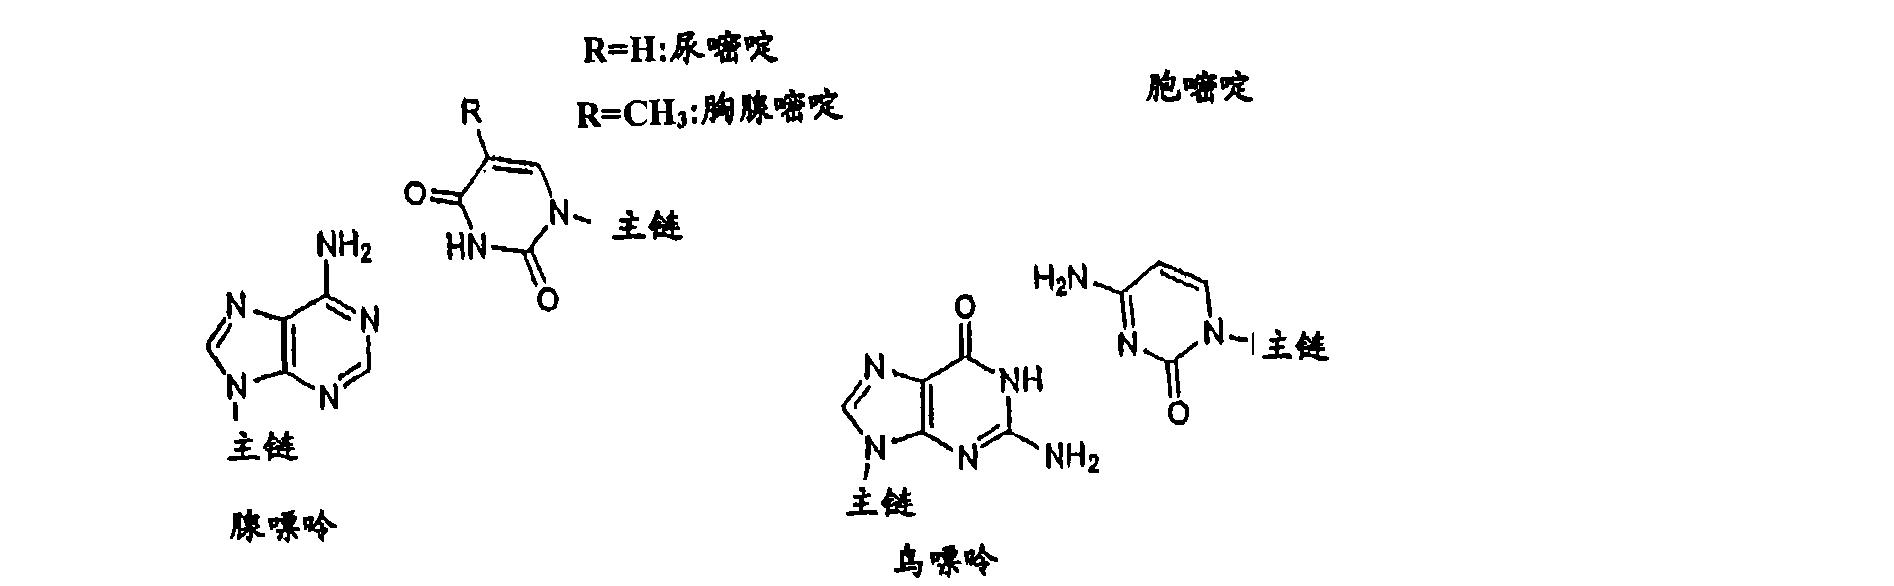 Figure CN101006177BD00211